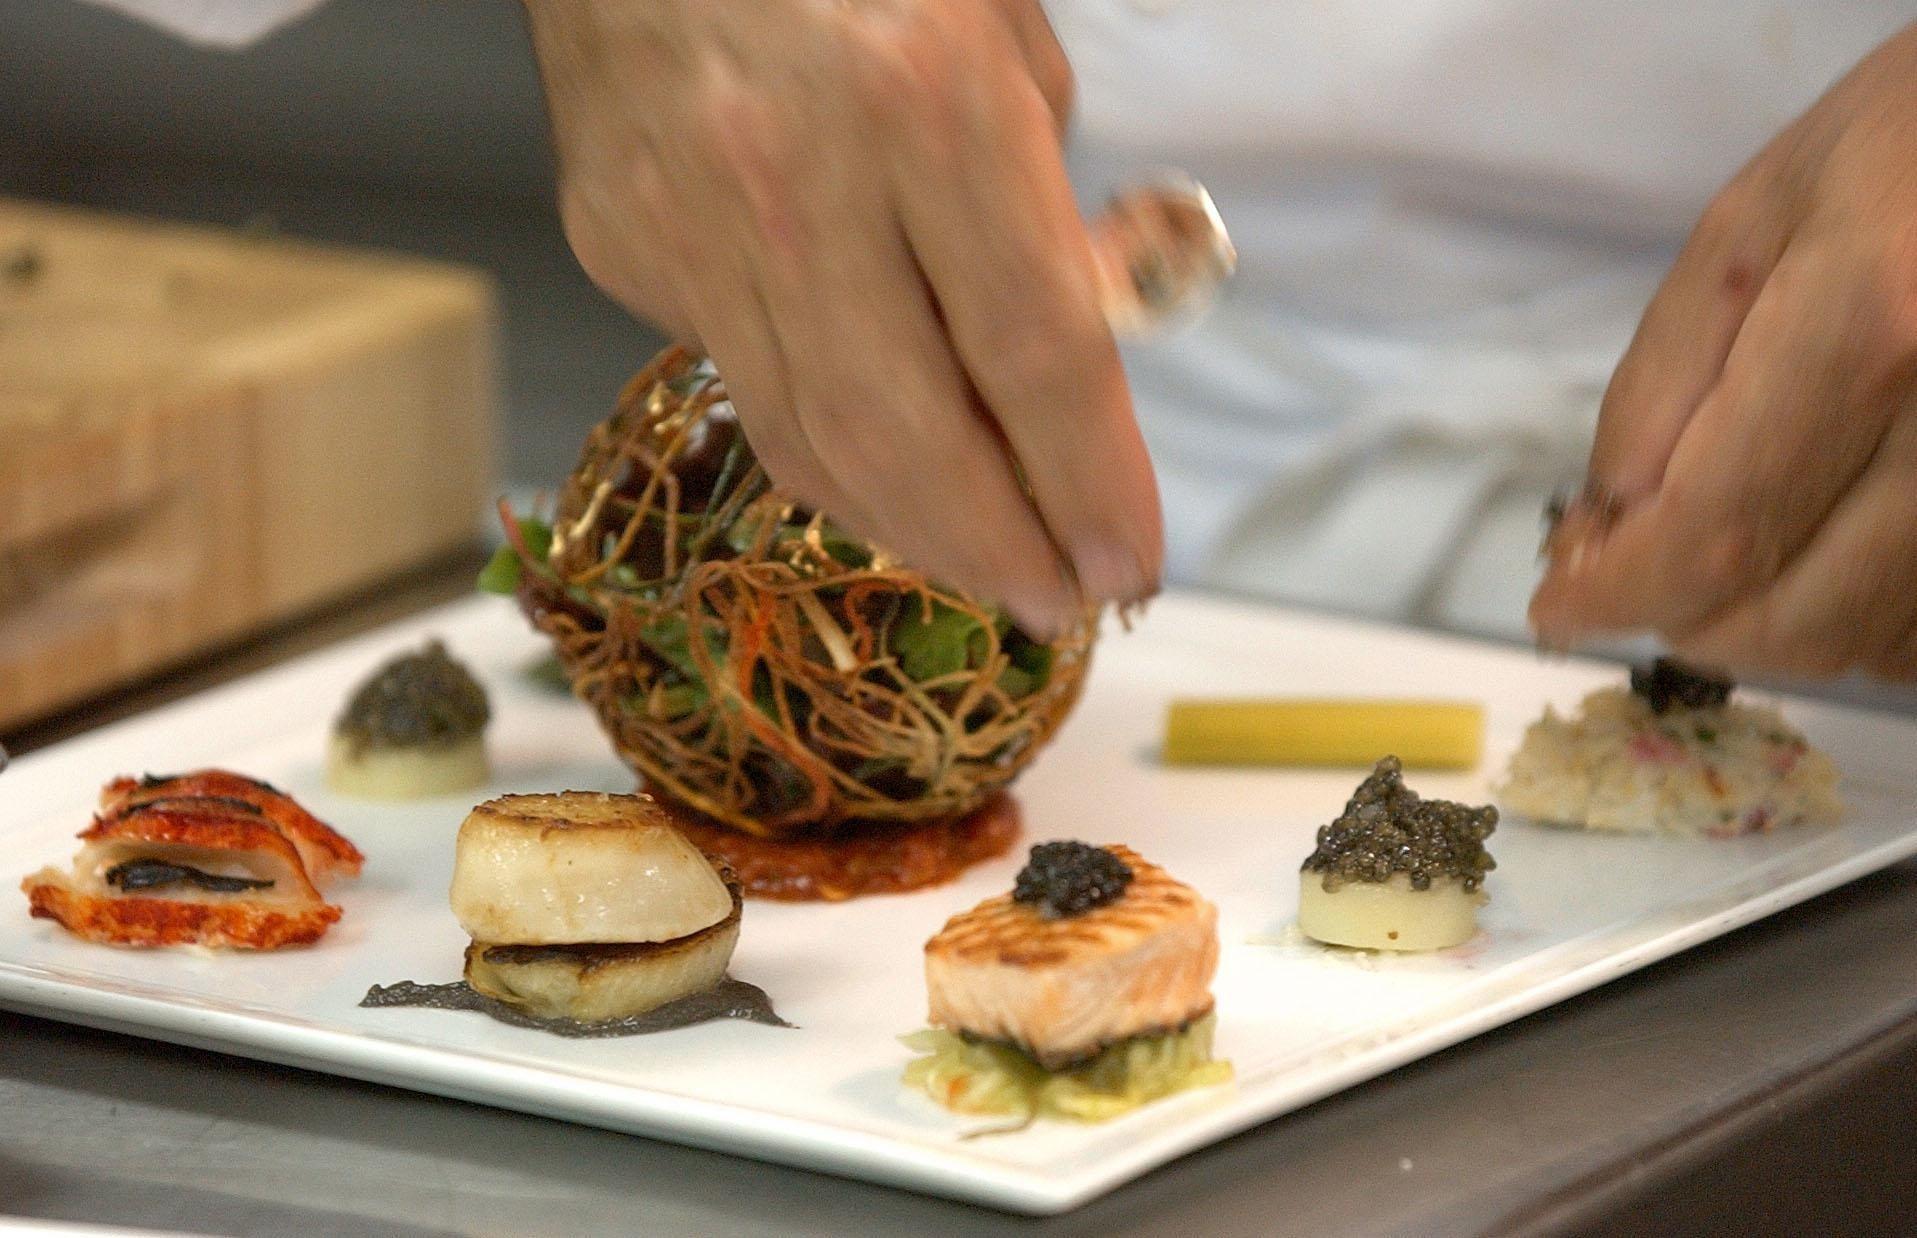 new_image4_337 ТОП-5 самых дорогих блюд на свете